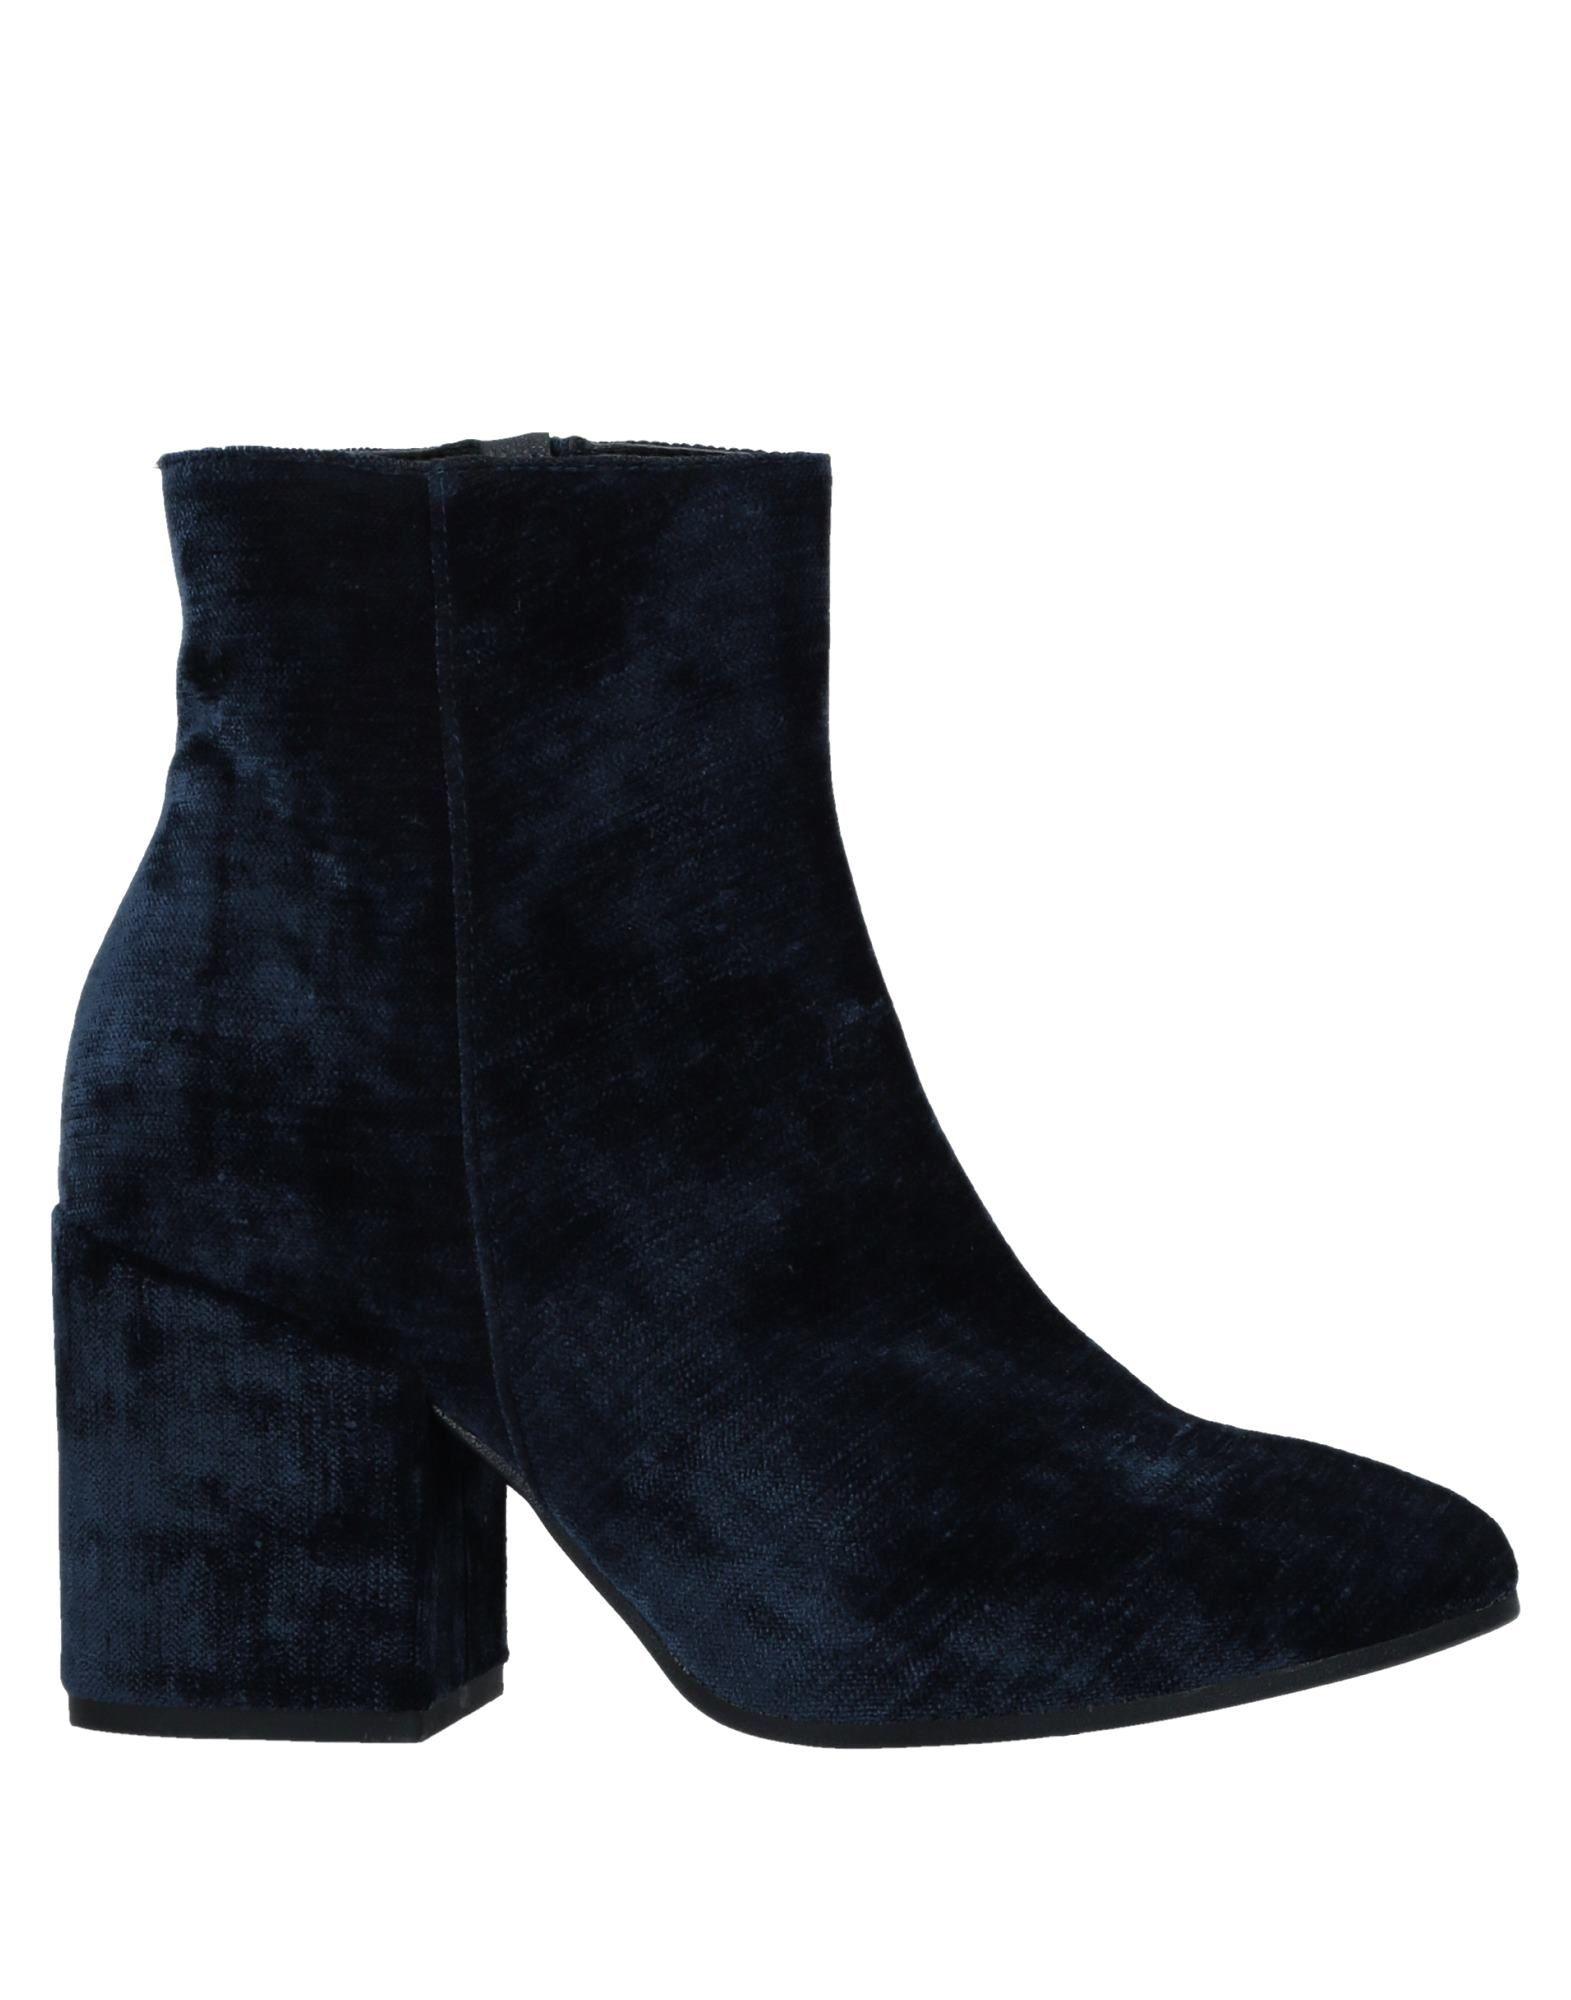 Eliana Bucci Stiefelette Damen  11532616UV Gute Qualität beliebte beliebte beliebte Schuhe 234f0a